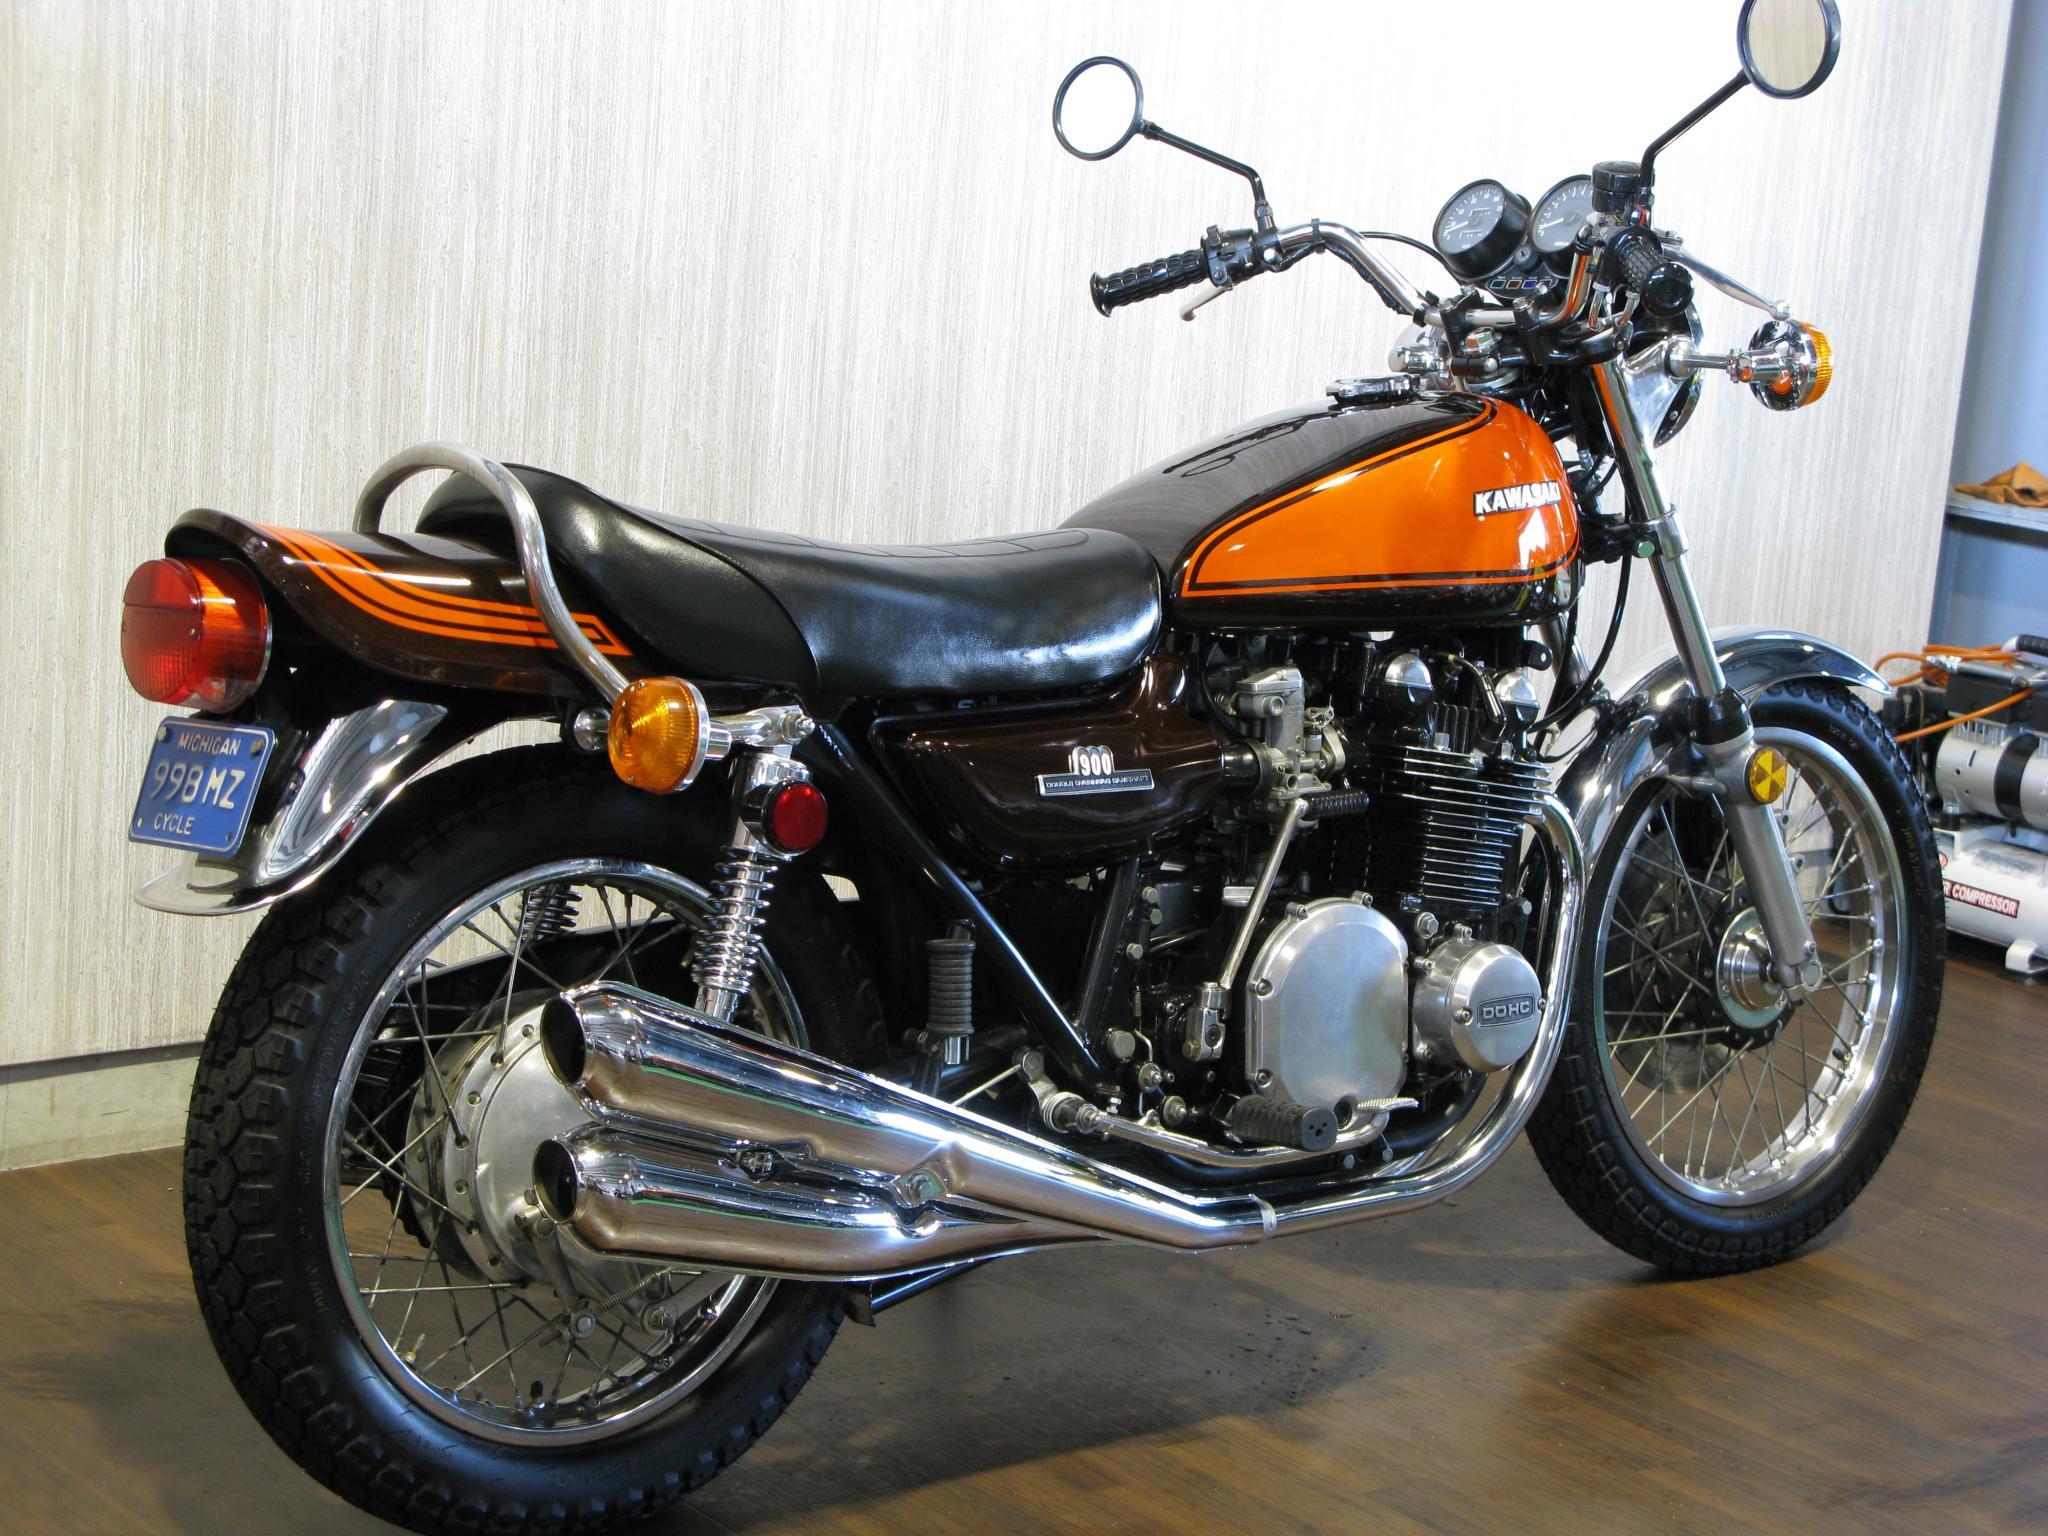 カワサキ 1972 Kawasaki Z1 車体写真3